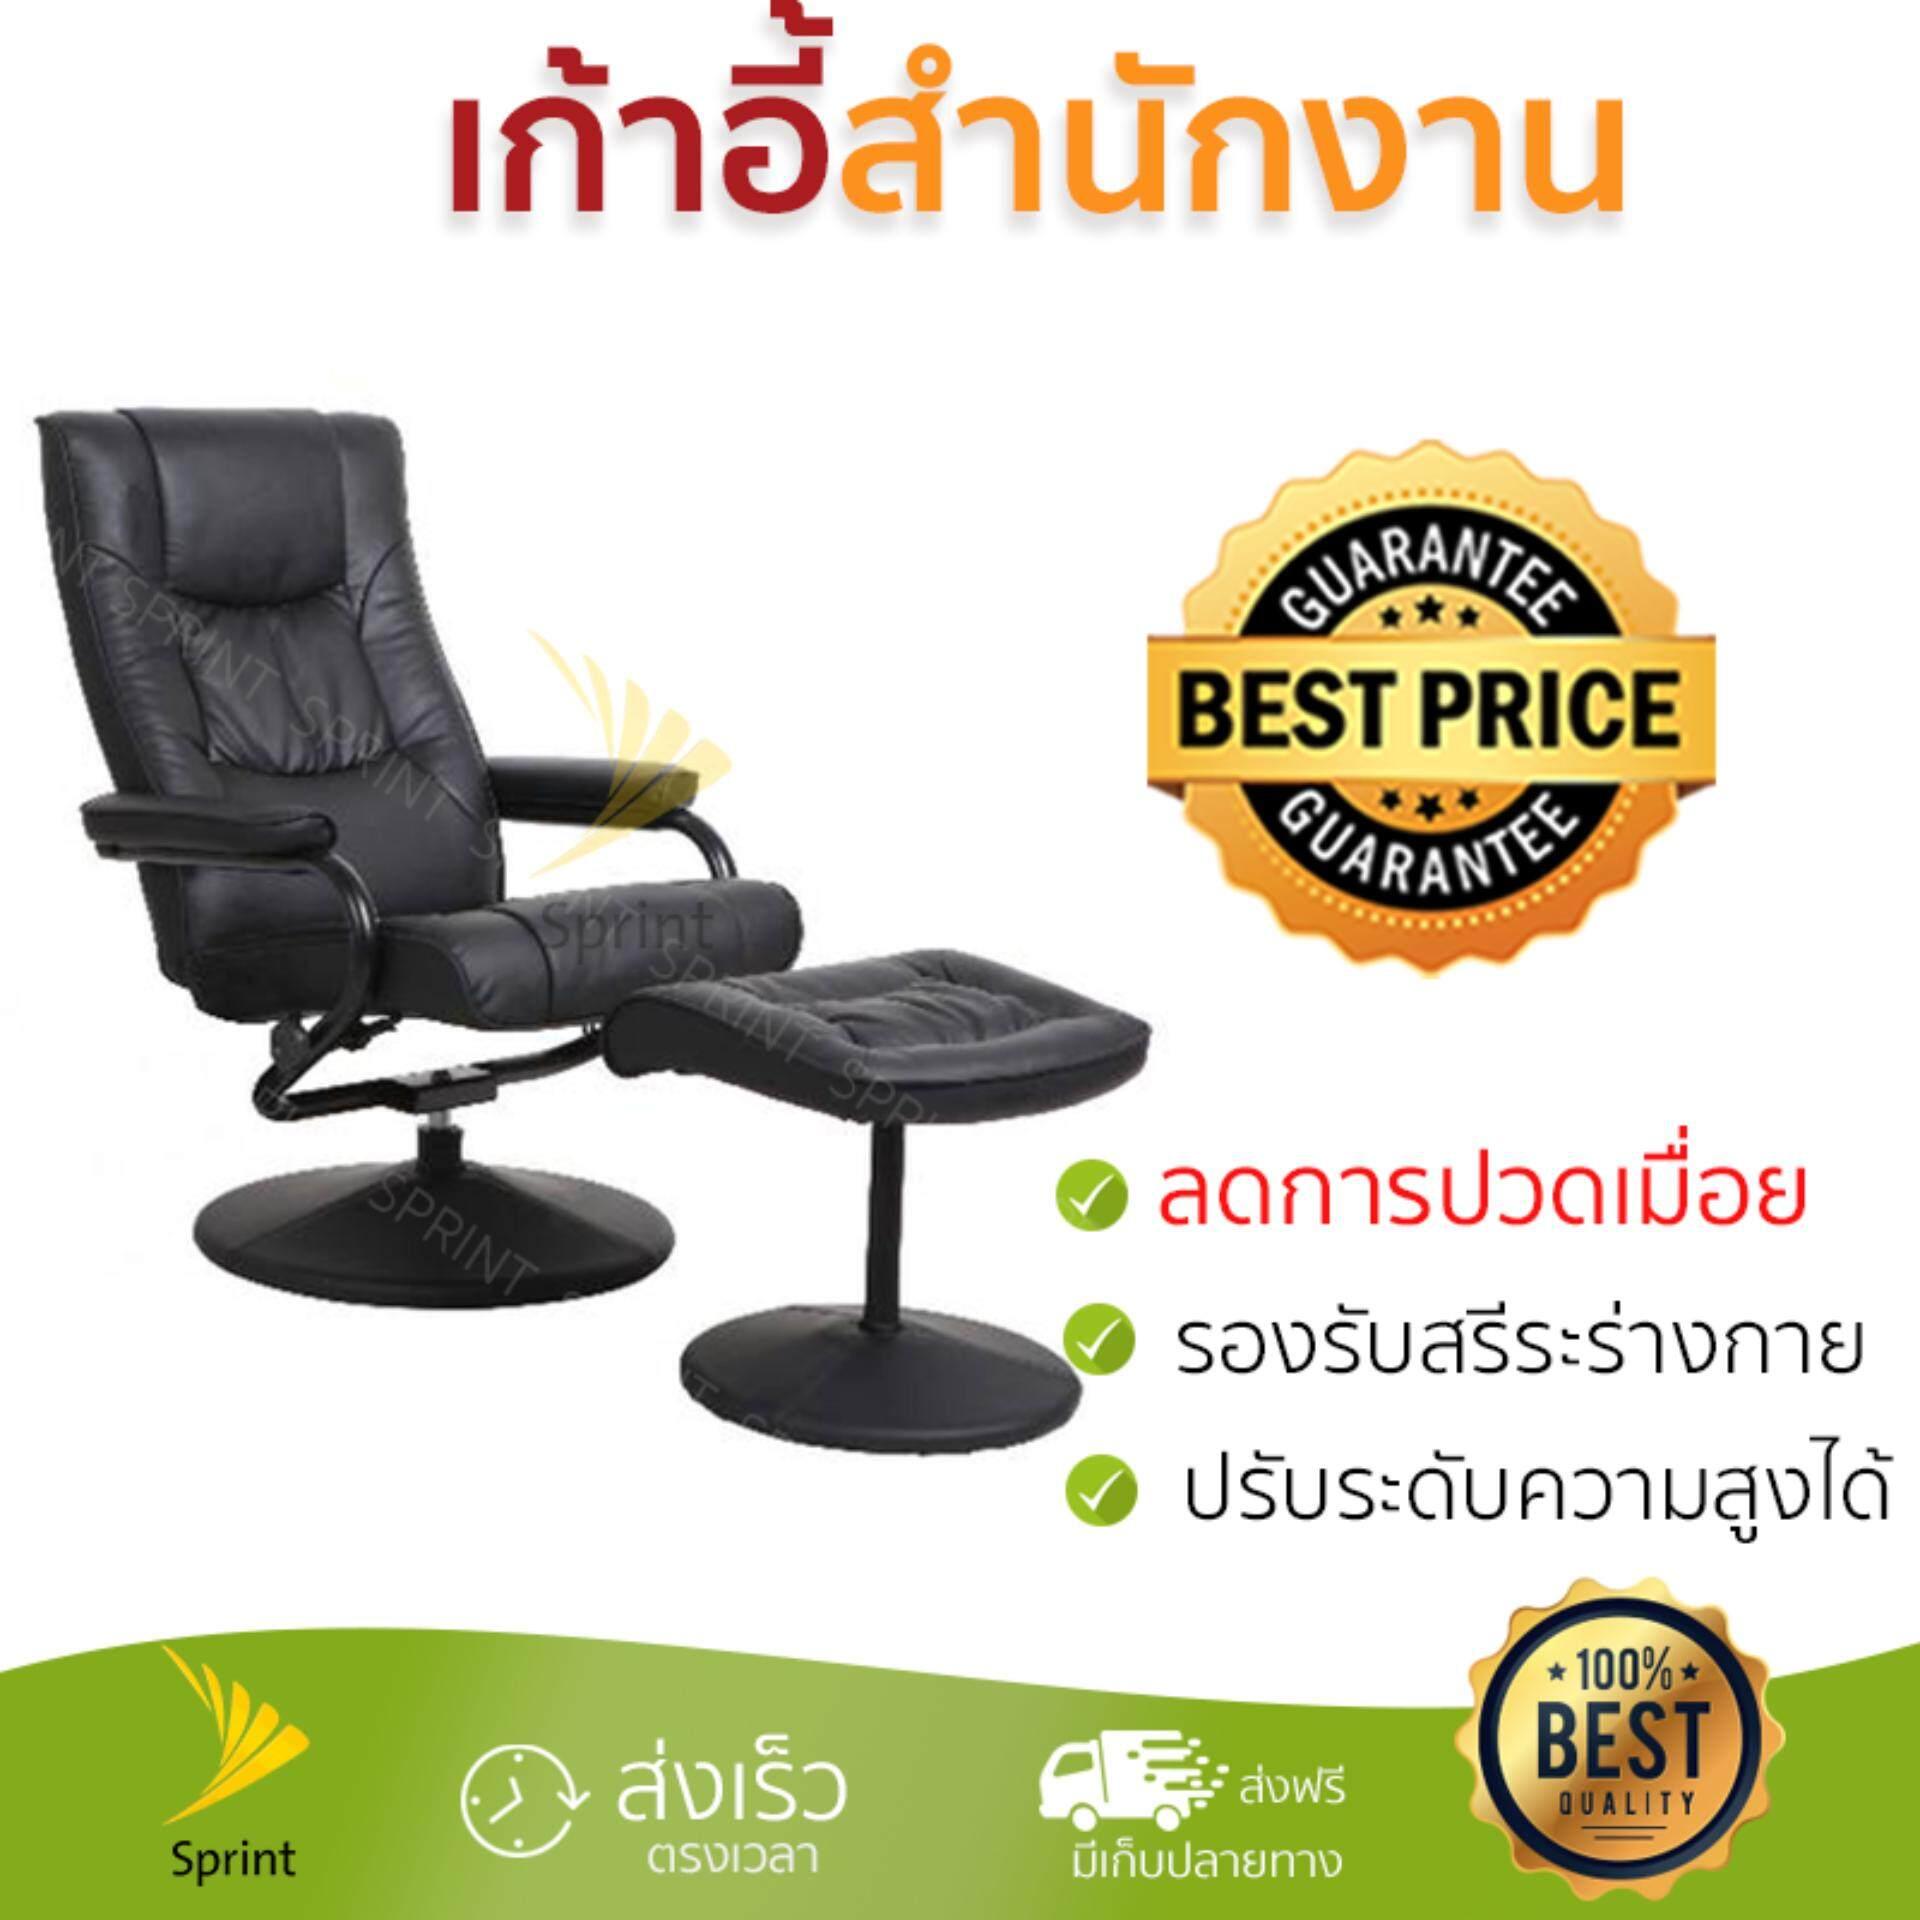 สุดยอดสินค้า!! ราคาพิเศษ เก้าอี้ทำงาน เก้าอี้สำนักงาน Delicato เก้าอี้พักผ่อนพร้อมที่พักขา WAIRAKEI สีดำ ลดอาการปวดเมื่อยลำคอและไหล่ เบาะนุ่มกำลังดี นั่งสบาย ไม่อึดอัด ปรับระดับความสูงได้ Office Chair